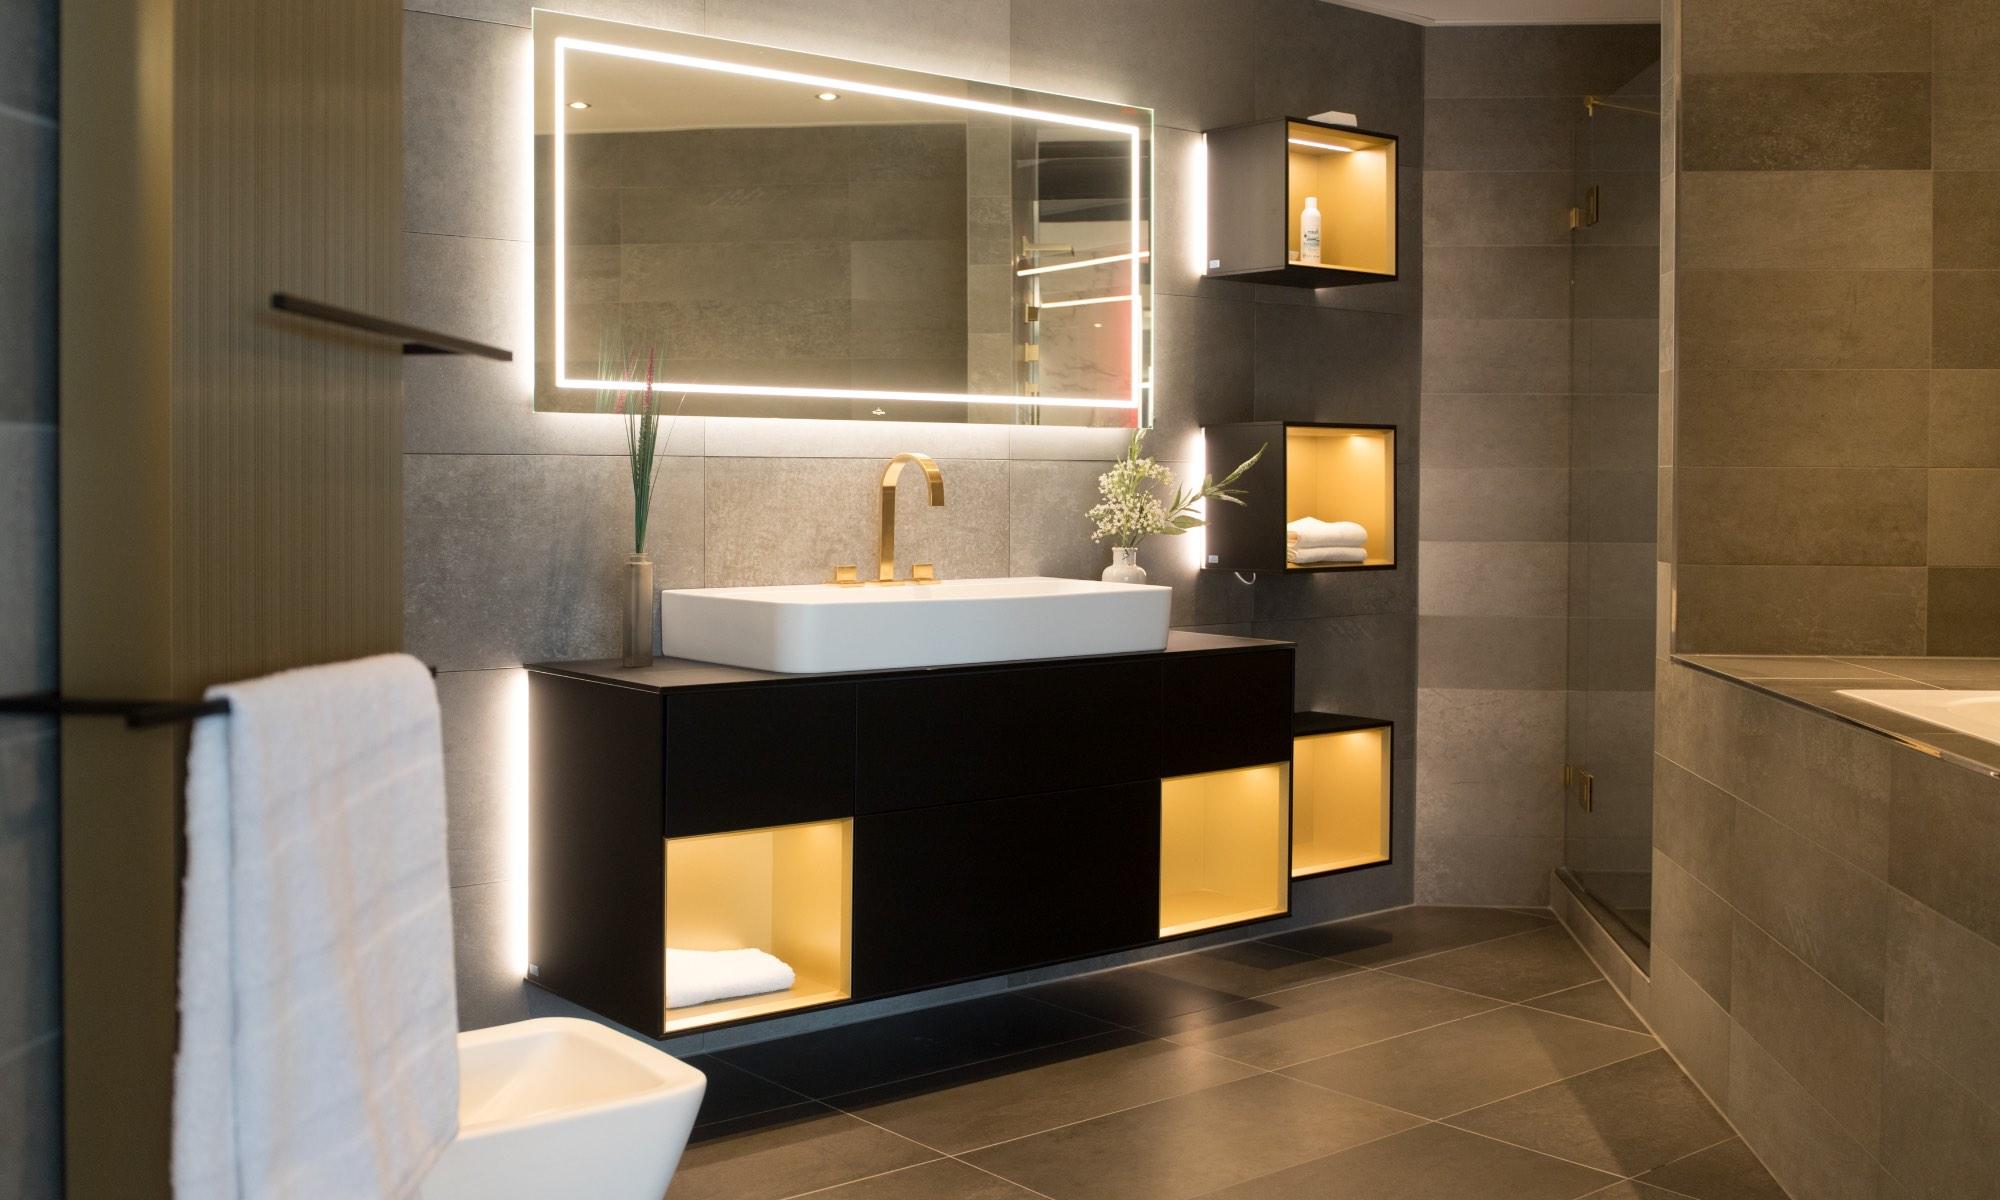 De badzaak harderwijk showroom